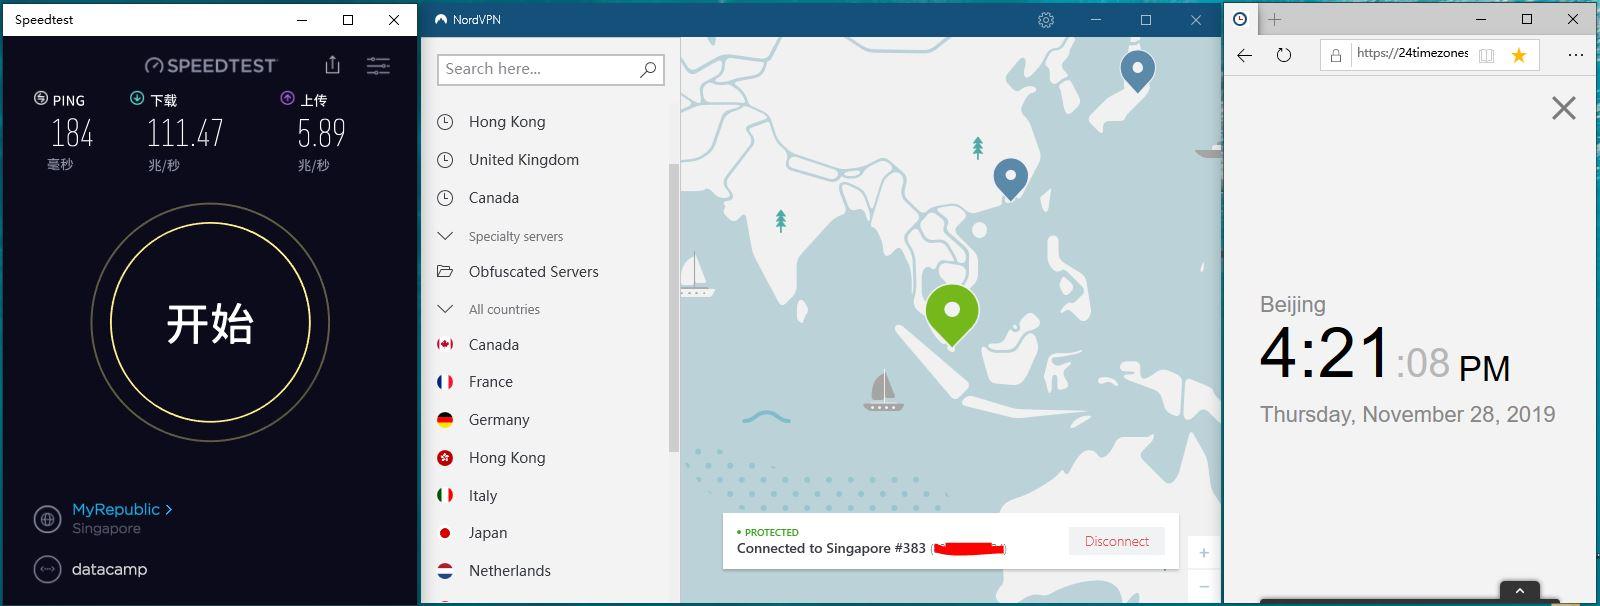 Windows NordVPN Singaore 383 中国VPN翻墙 科学上网 SpeedTest测试-20191128